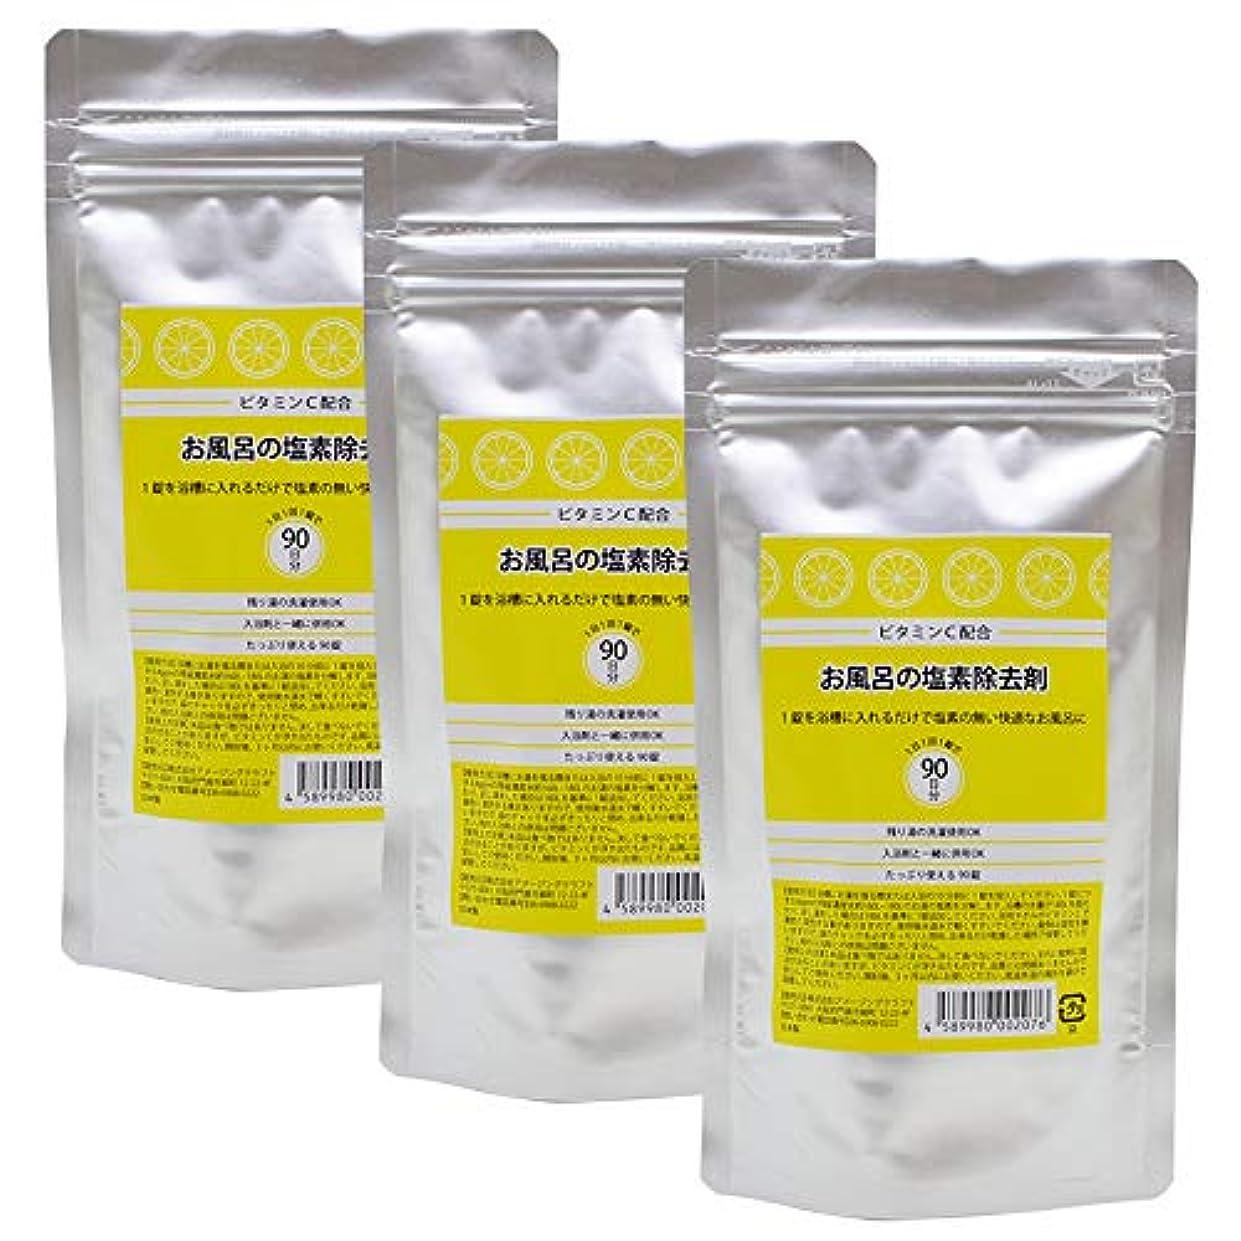 ハンディどっち休暇ビタミンC配合 お風呂の塩素除去剤 錠剤タイプ 90錠 3個セット 浴槽用脱塩素剤